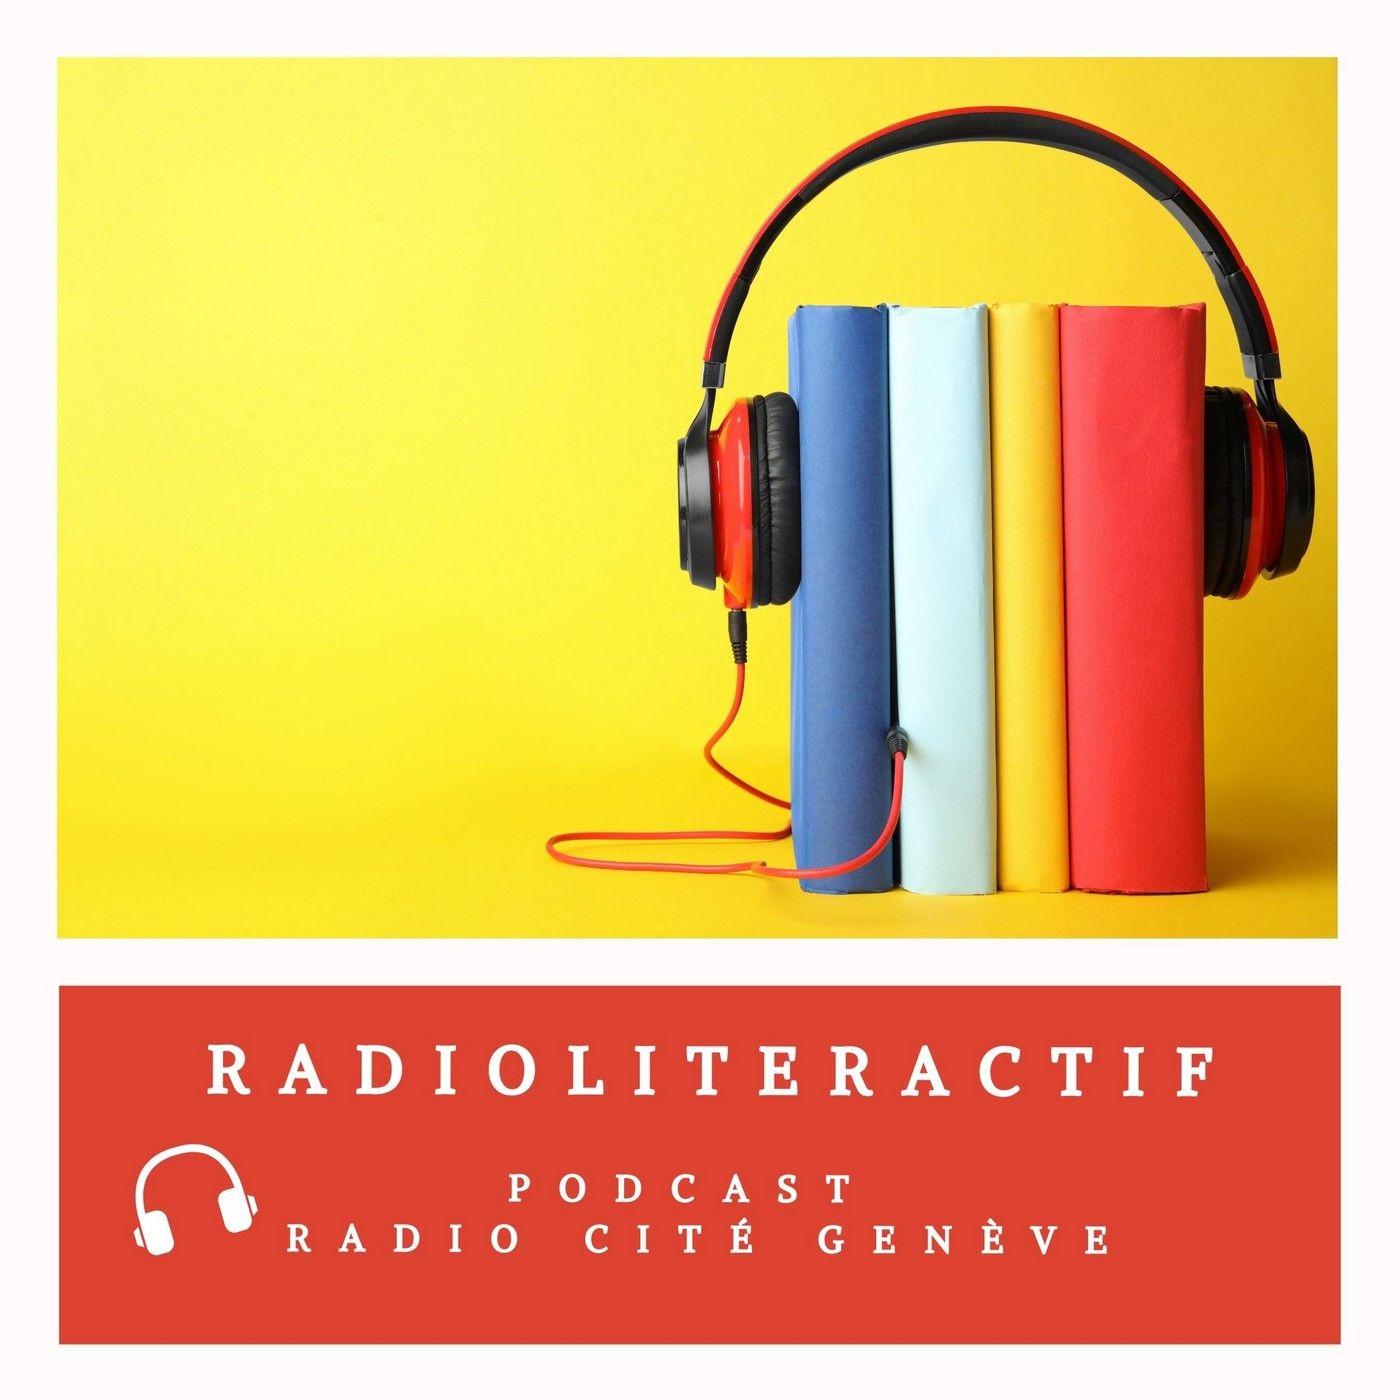 Radioliteractif du 28/09/20 - Sarah Schneider